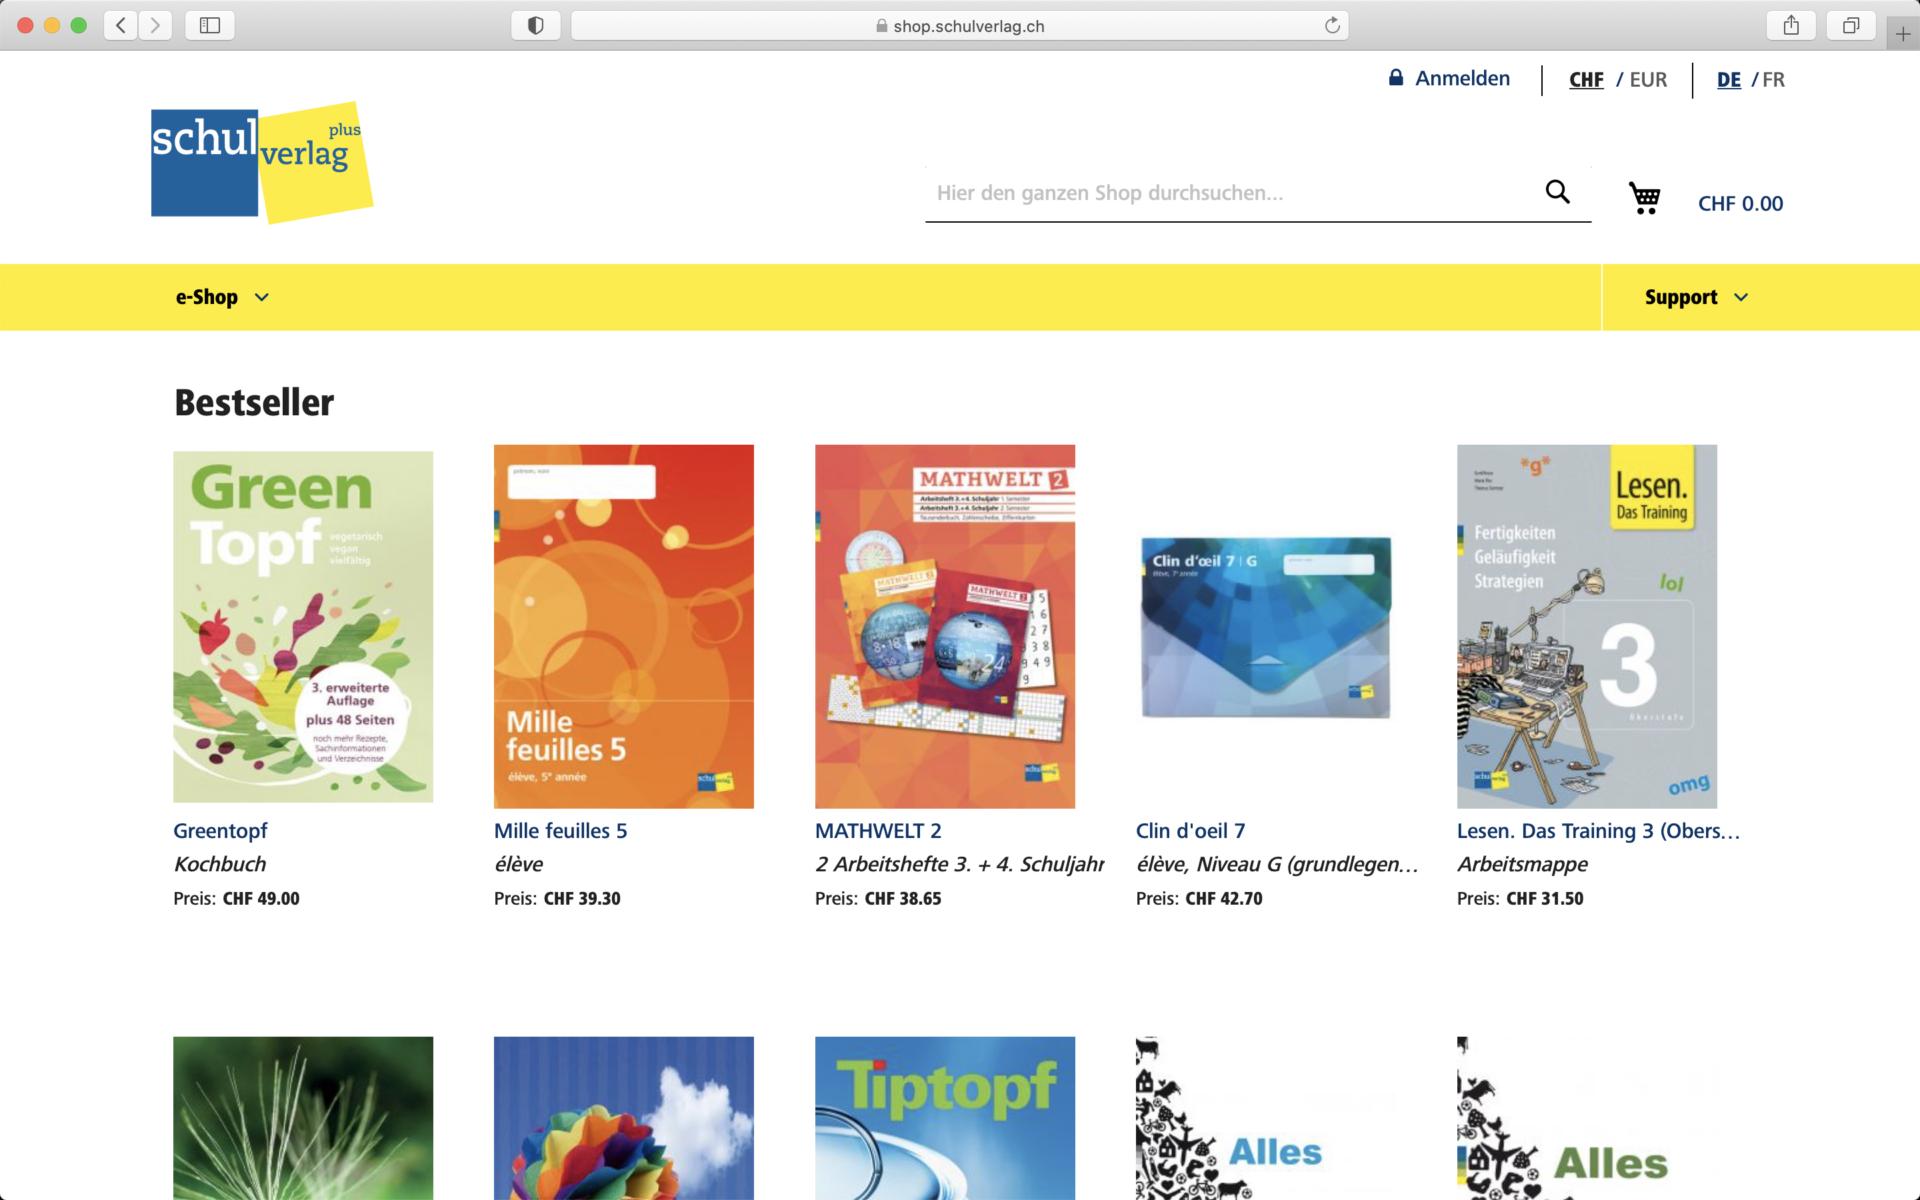 Screenshot Landingpage im Shop von Schulverlag - Magento Shop der insign gmbh